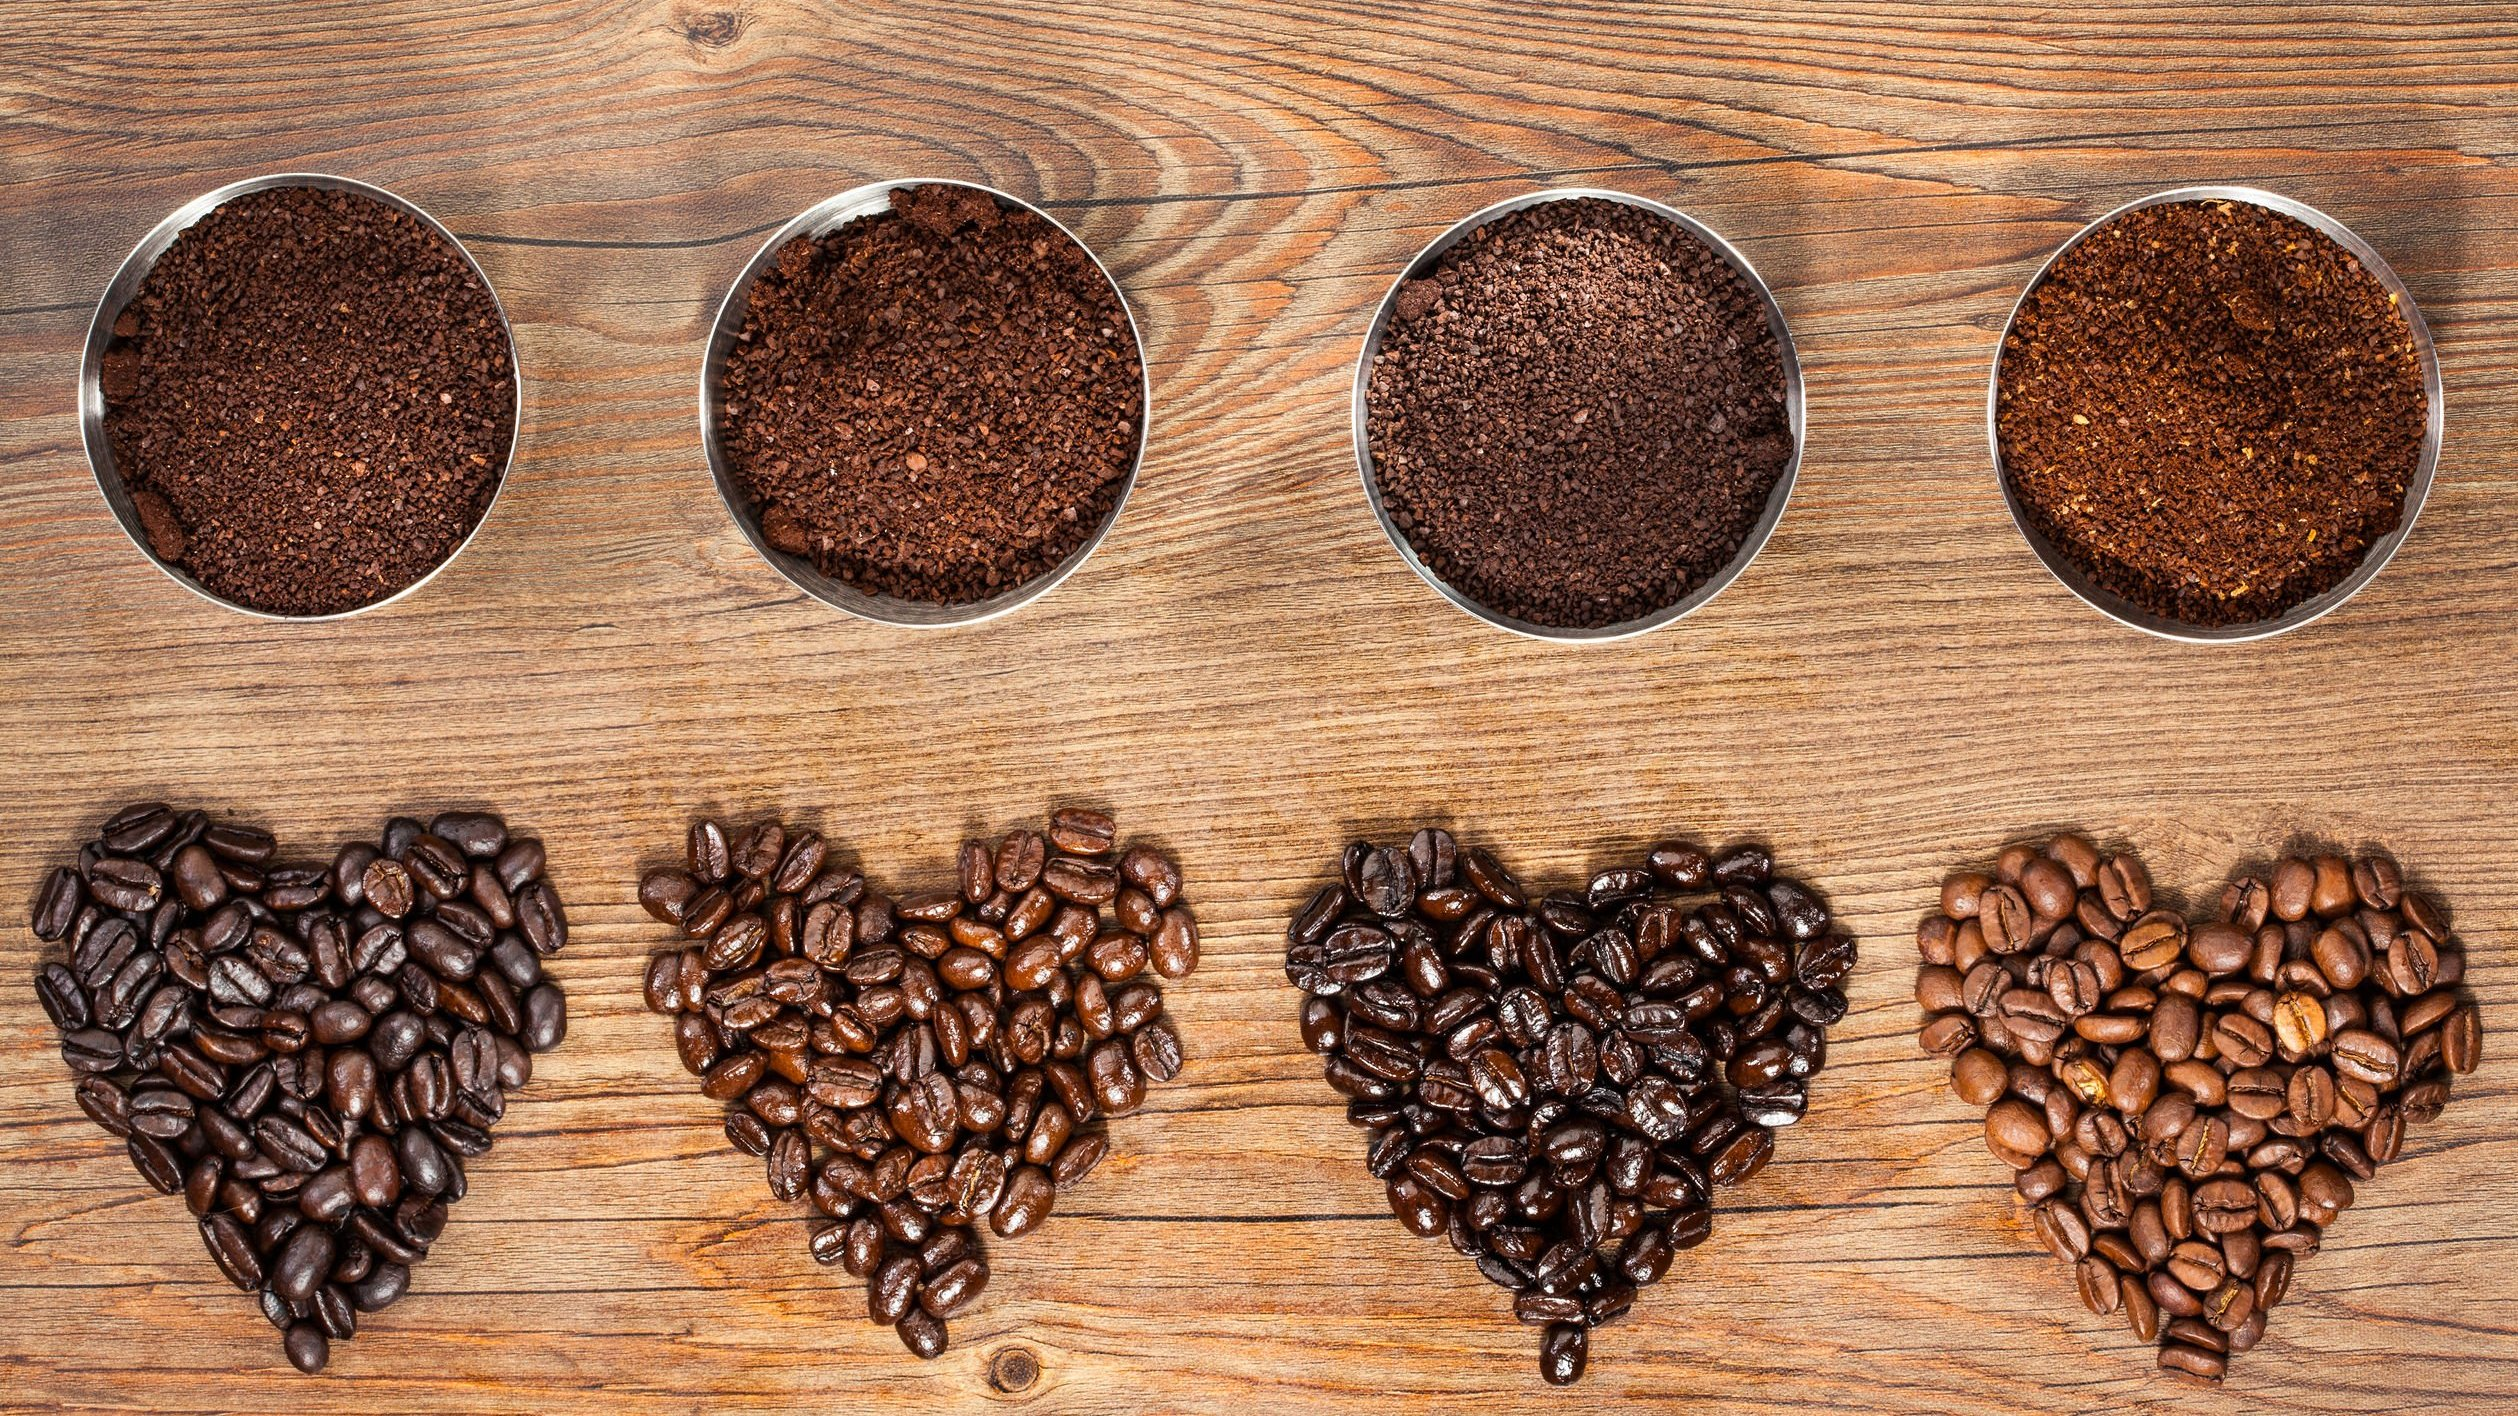 Grãos de café em formato de coração e grãos moídos.